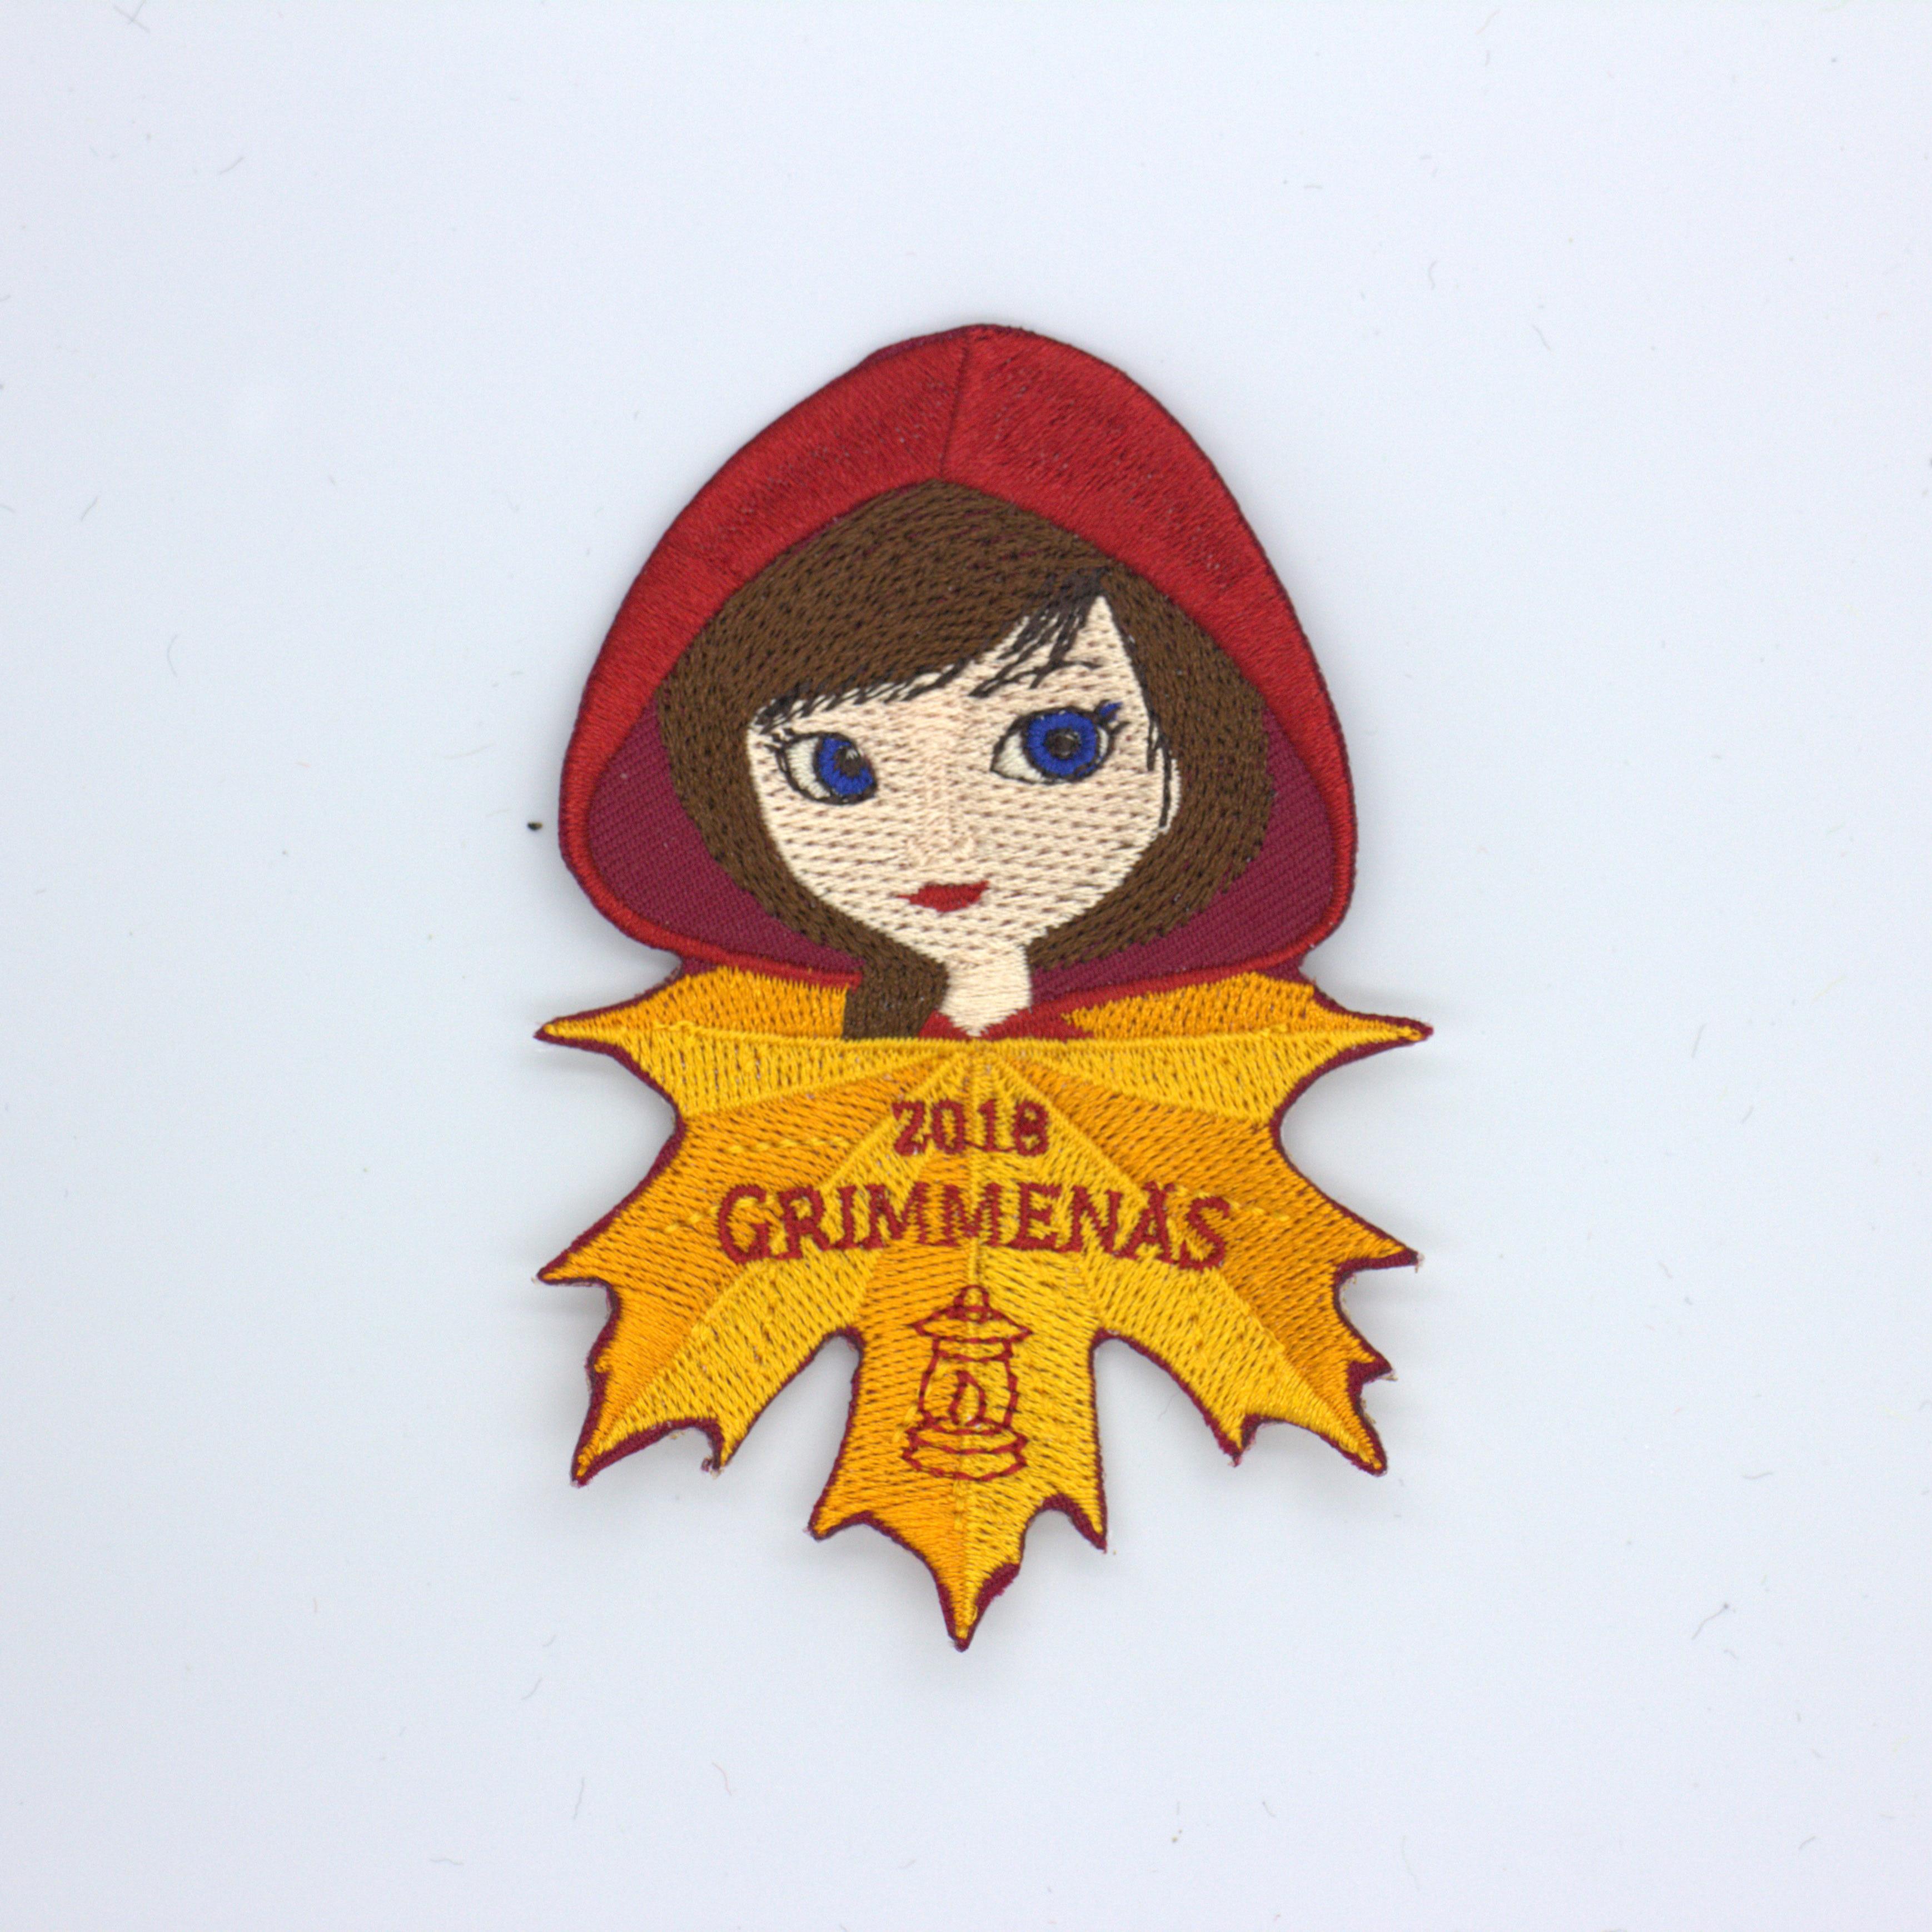 Carateres remendos emblemas bordado applique costura ferro no emblema vestuário vestuário acessórios 9